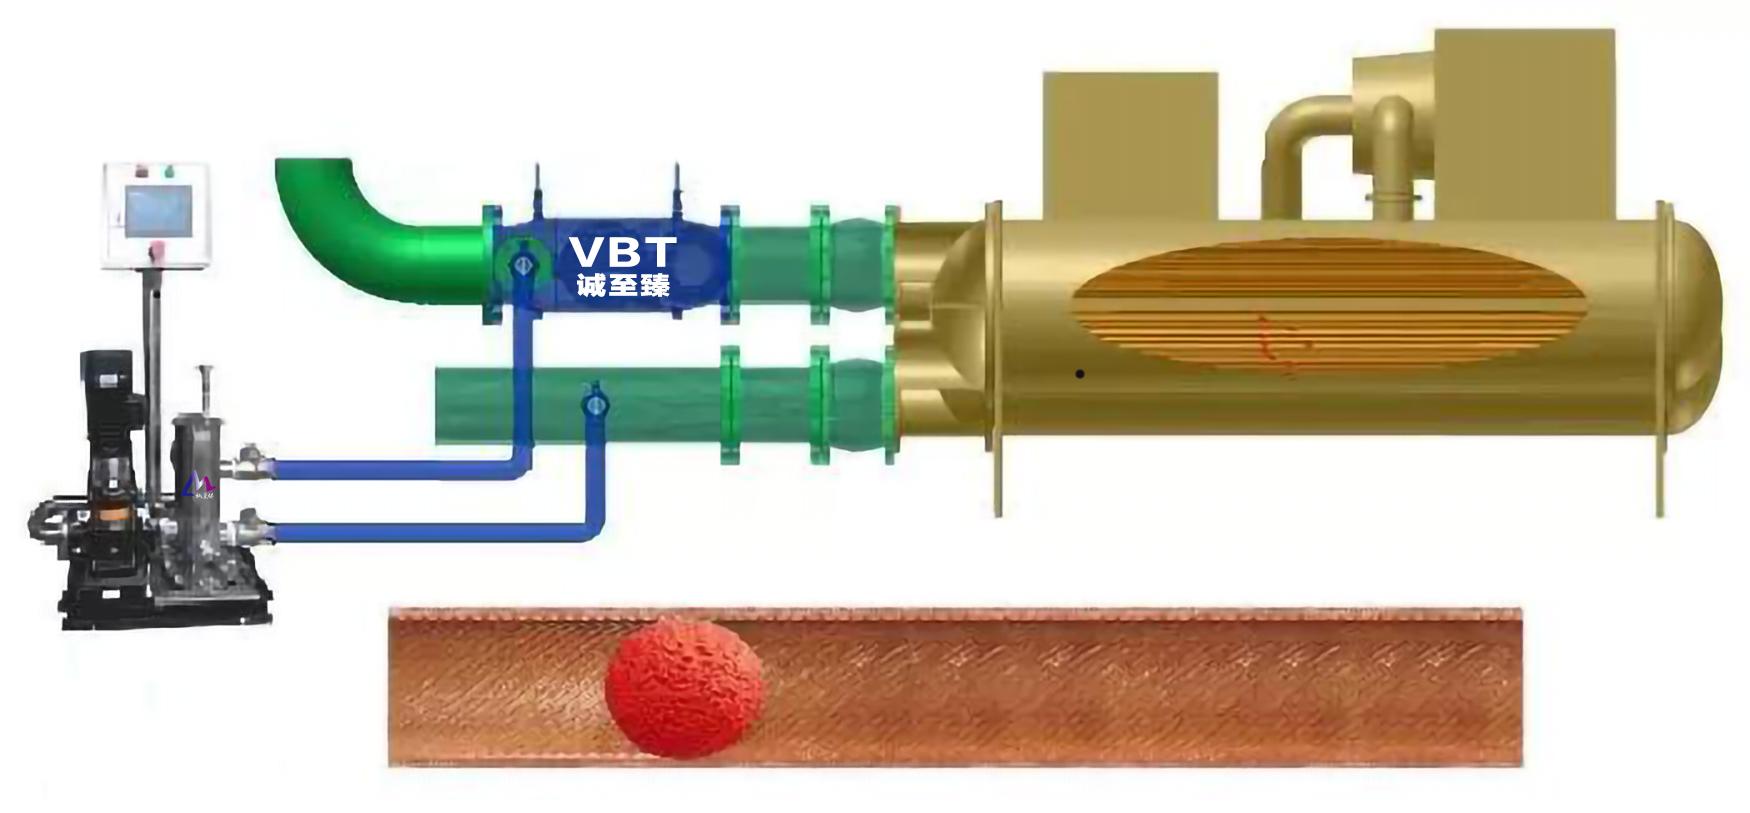 胶球清洗系统核心设备的工作原理